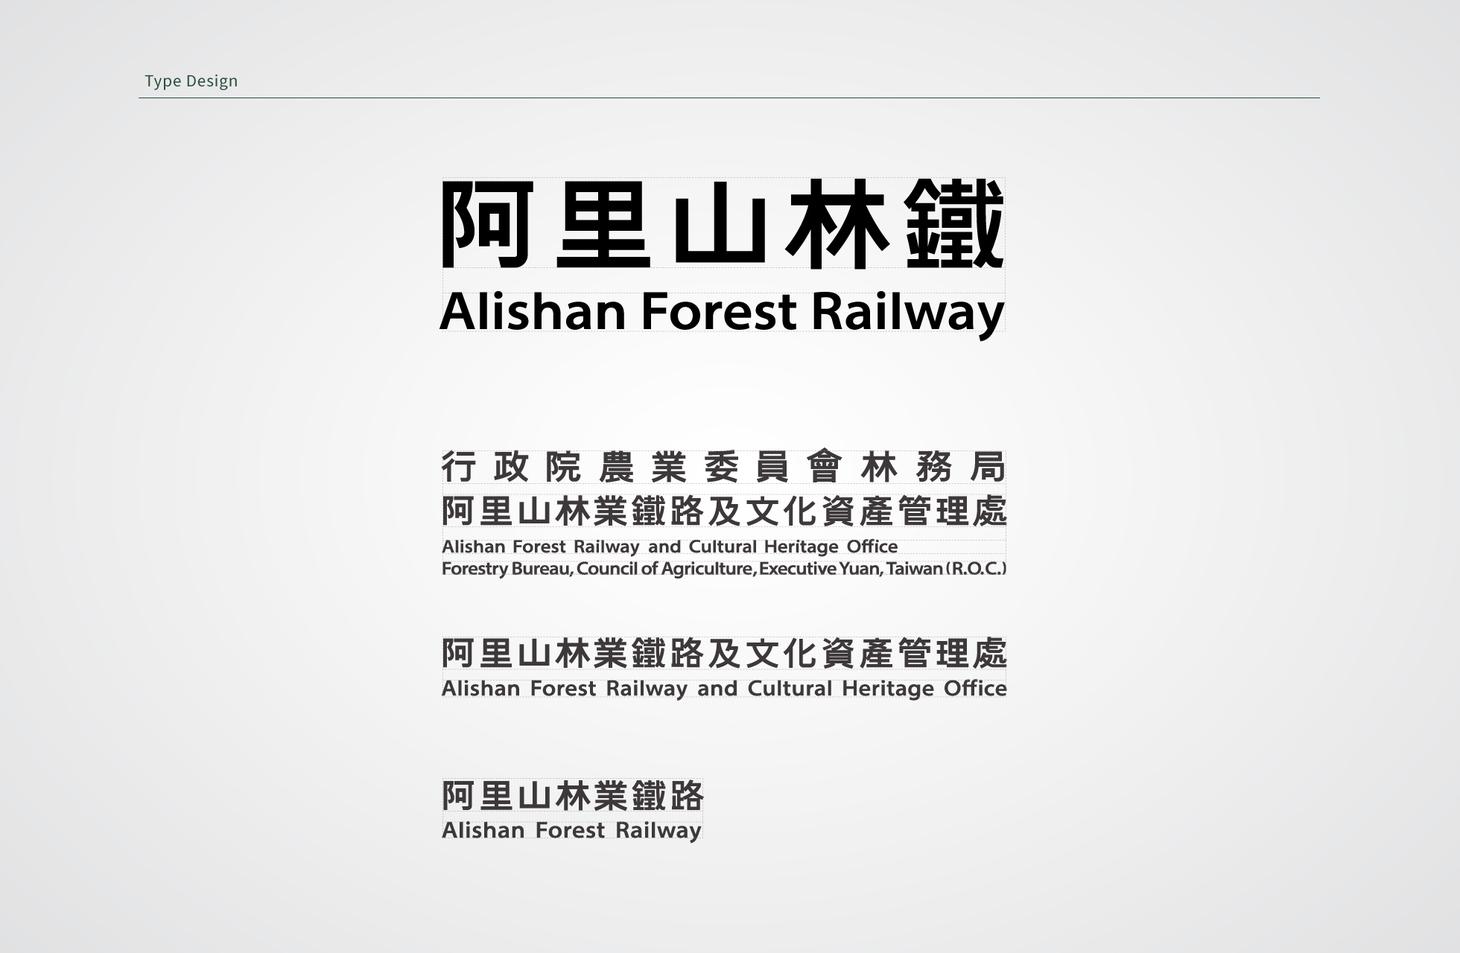 ALS_03.jpg